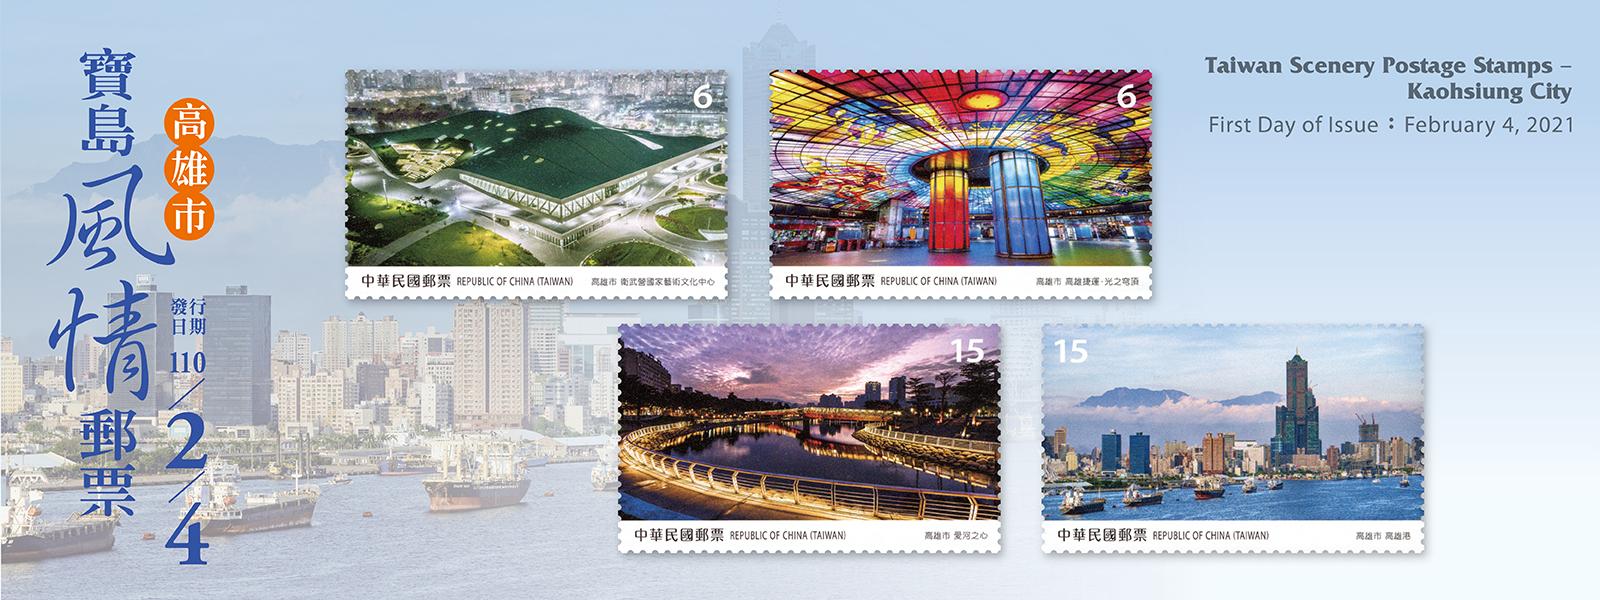 特704 寶島風情郵票-高雄市廣告介紹連結